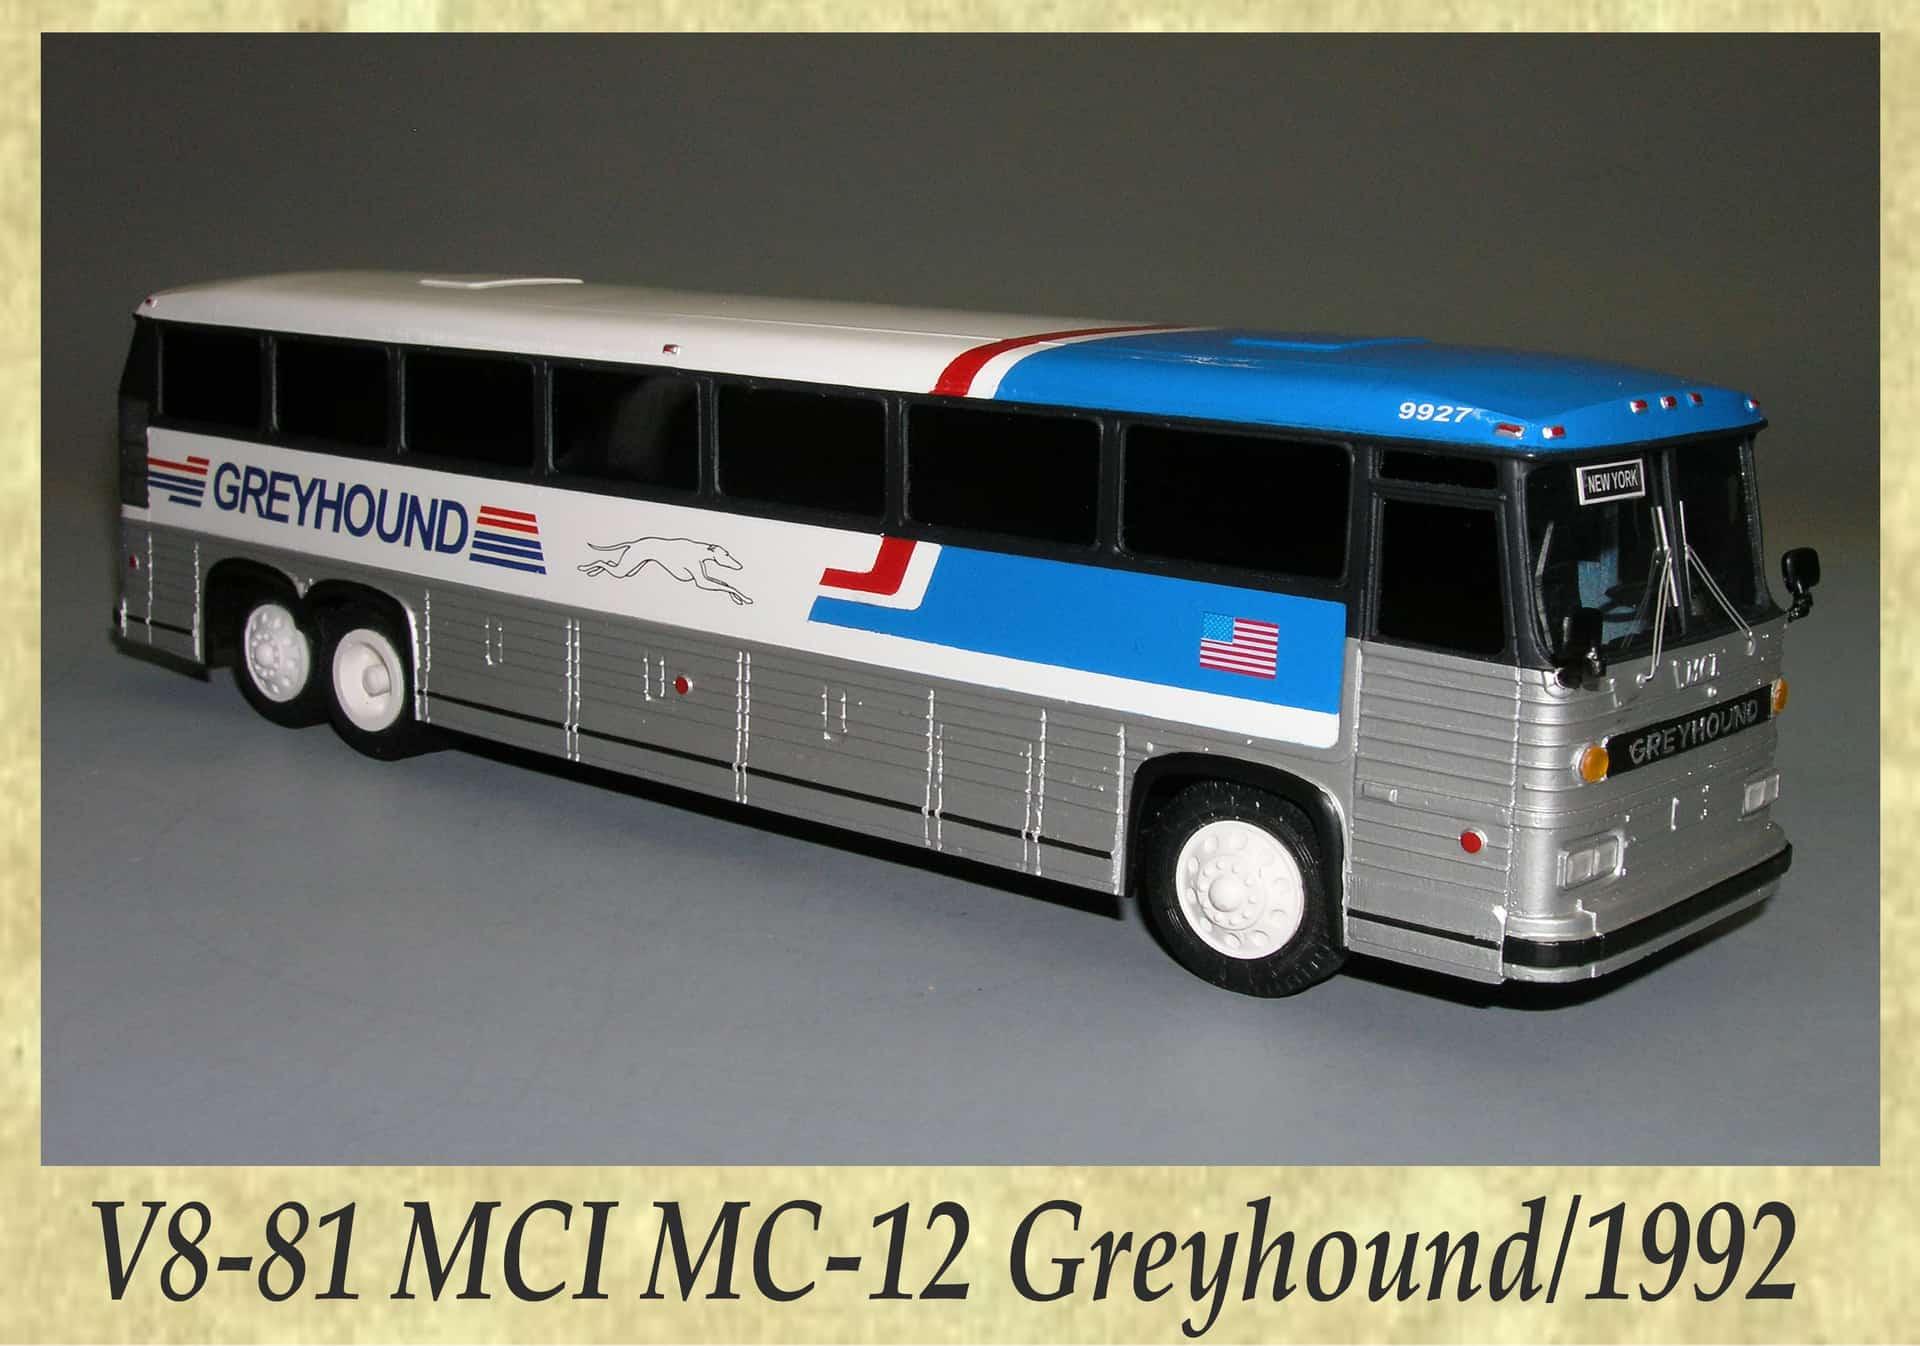 V8-81 MCI MC-12 Greyhound 1992